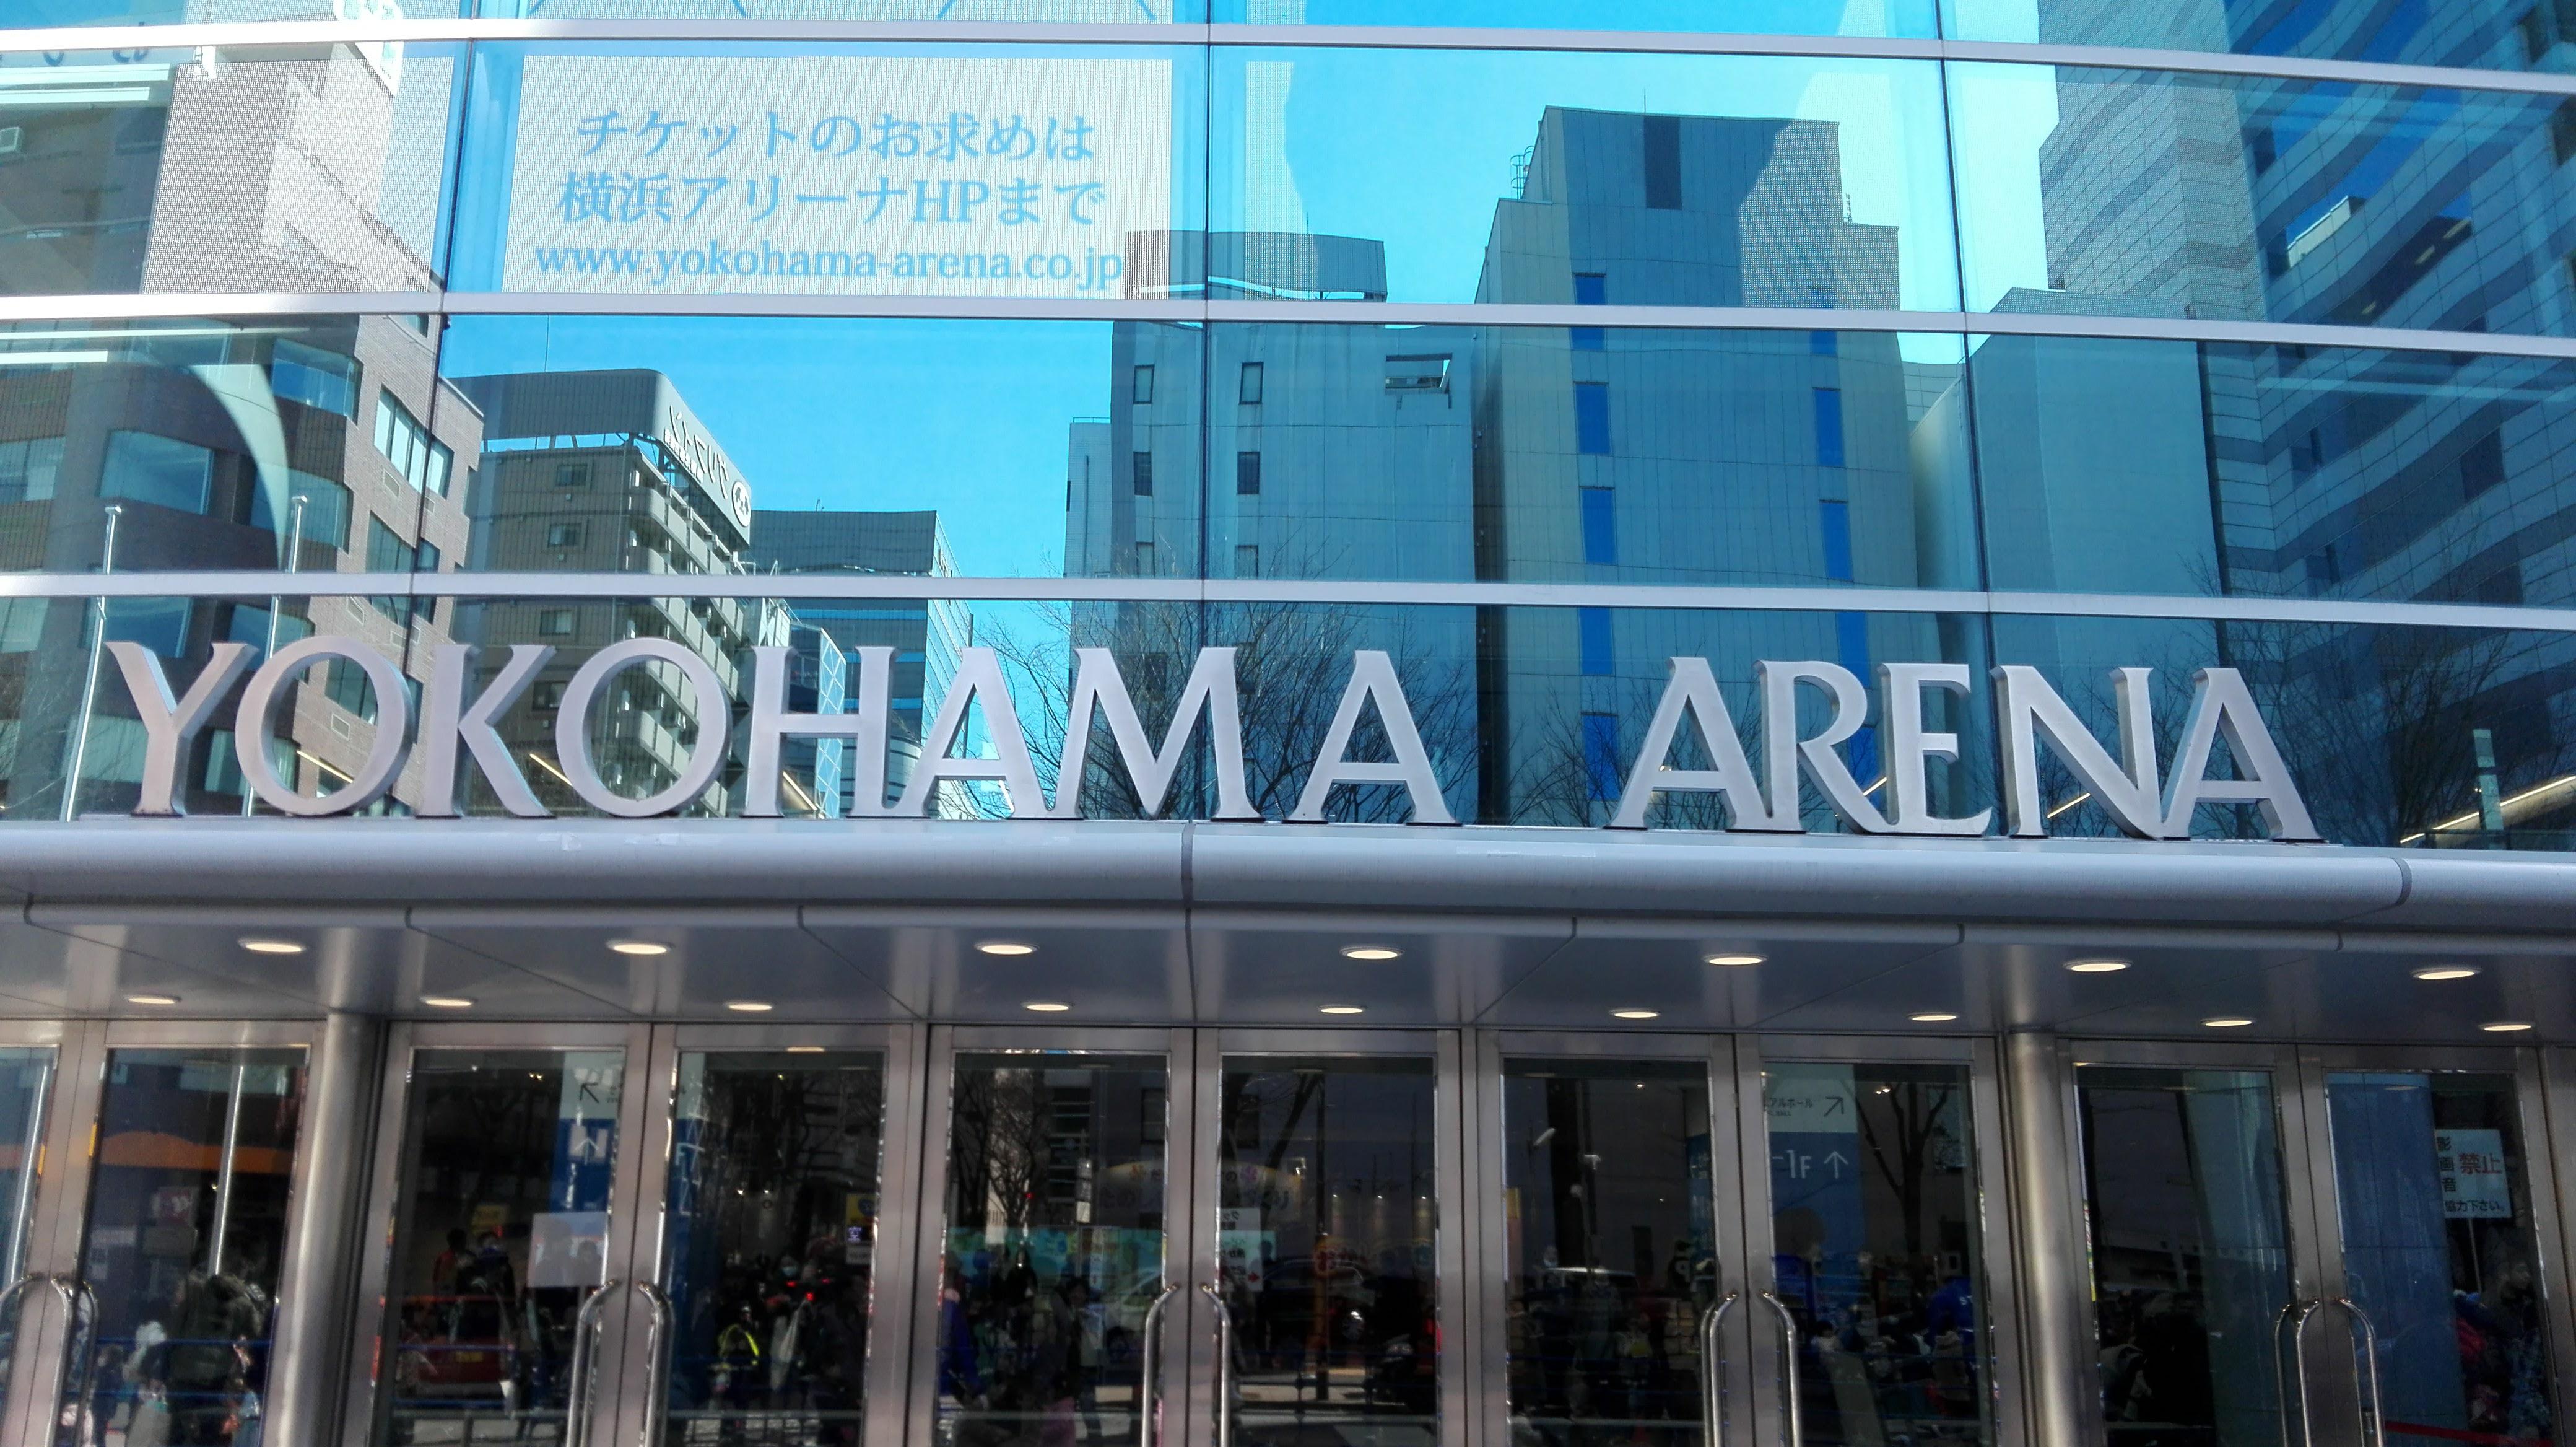 横浜アリーナの感想(反省点と良かった点)をまとめておくよ!「ワンワンといっしょ!夢のキャラクター大集合」2017